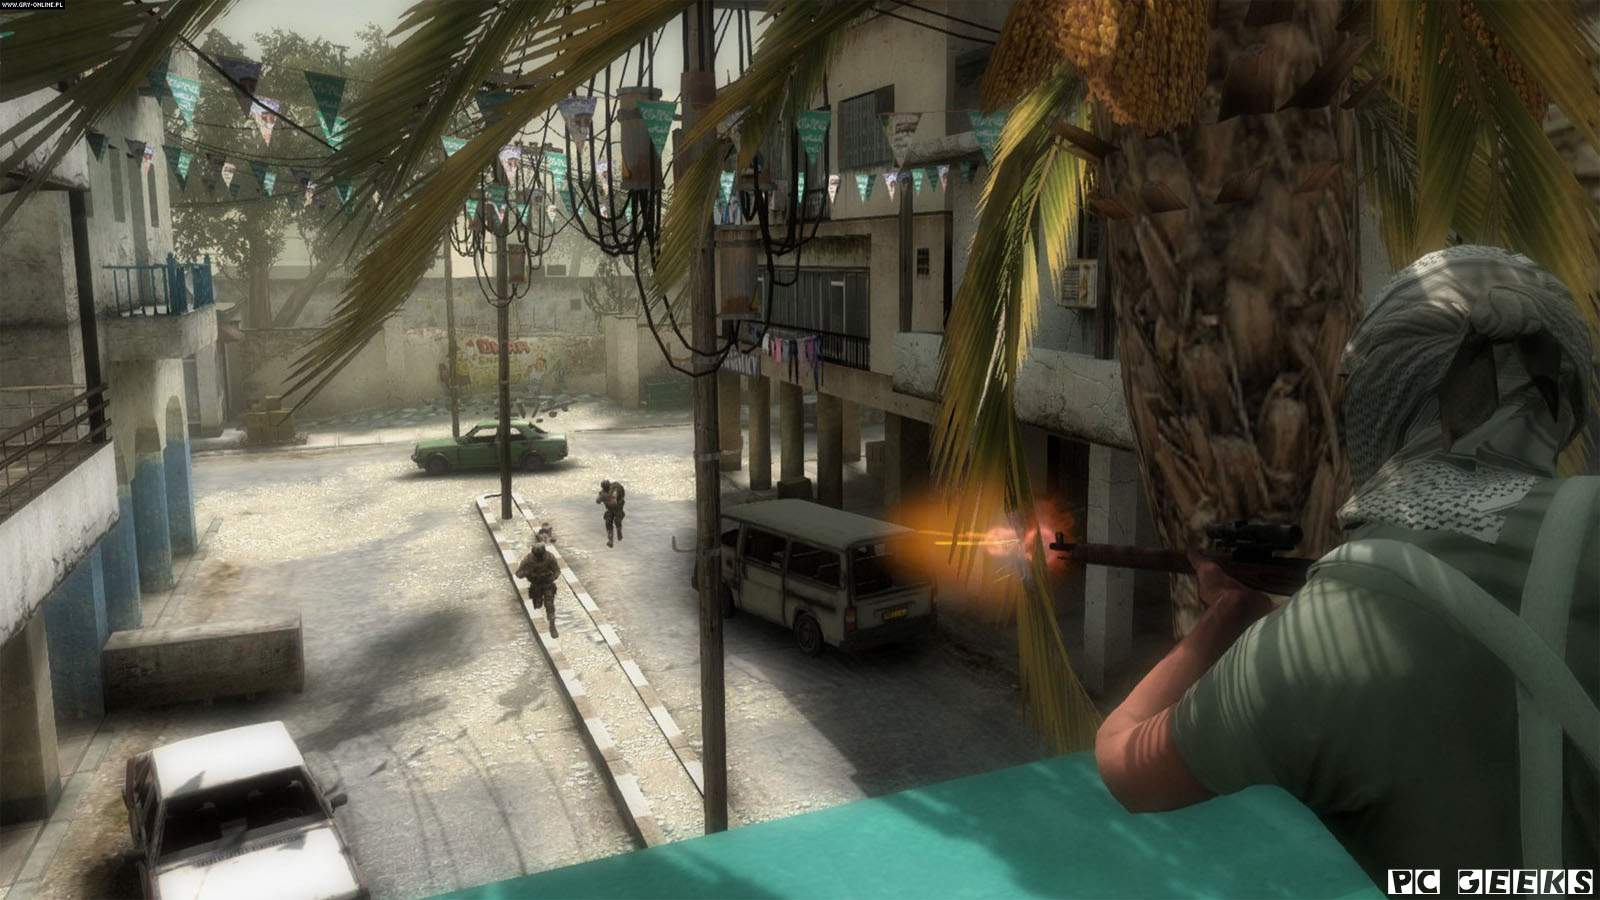 تحميل لعبة Insurgency مضغوطة كاملة بروابط مباشرة مجانا